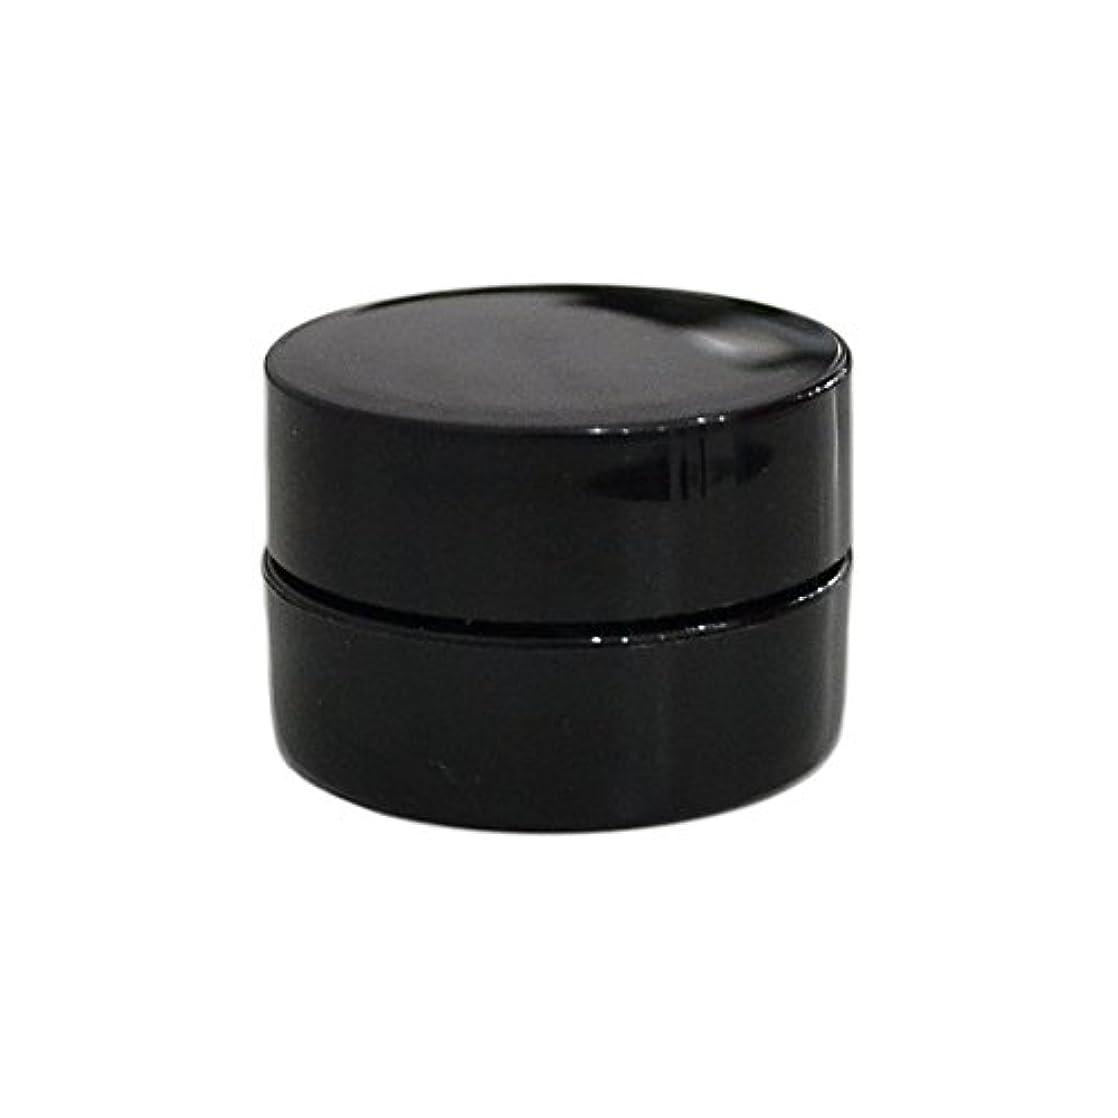 やけど食器棚ビット純国産ネイルジェルコンテナ 3g用 GA3g 漏れ防止パッキン&ブラシプレート付容器 ジェルを無駄なく使える底面傾斜あり 遮光 黒 ブラック